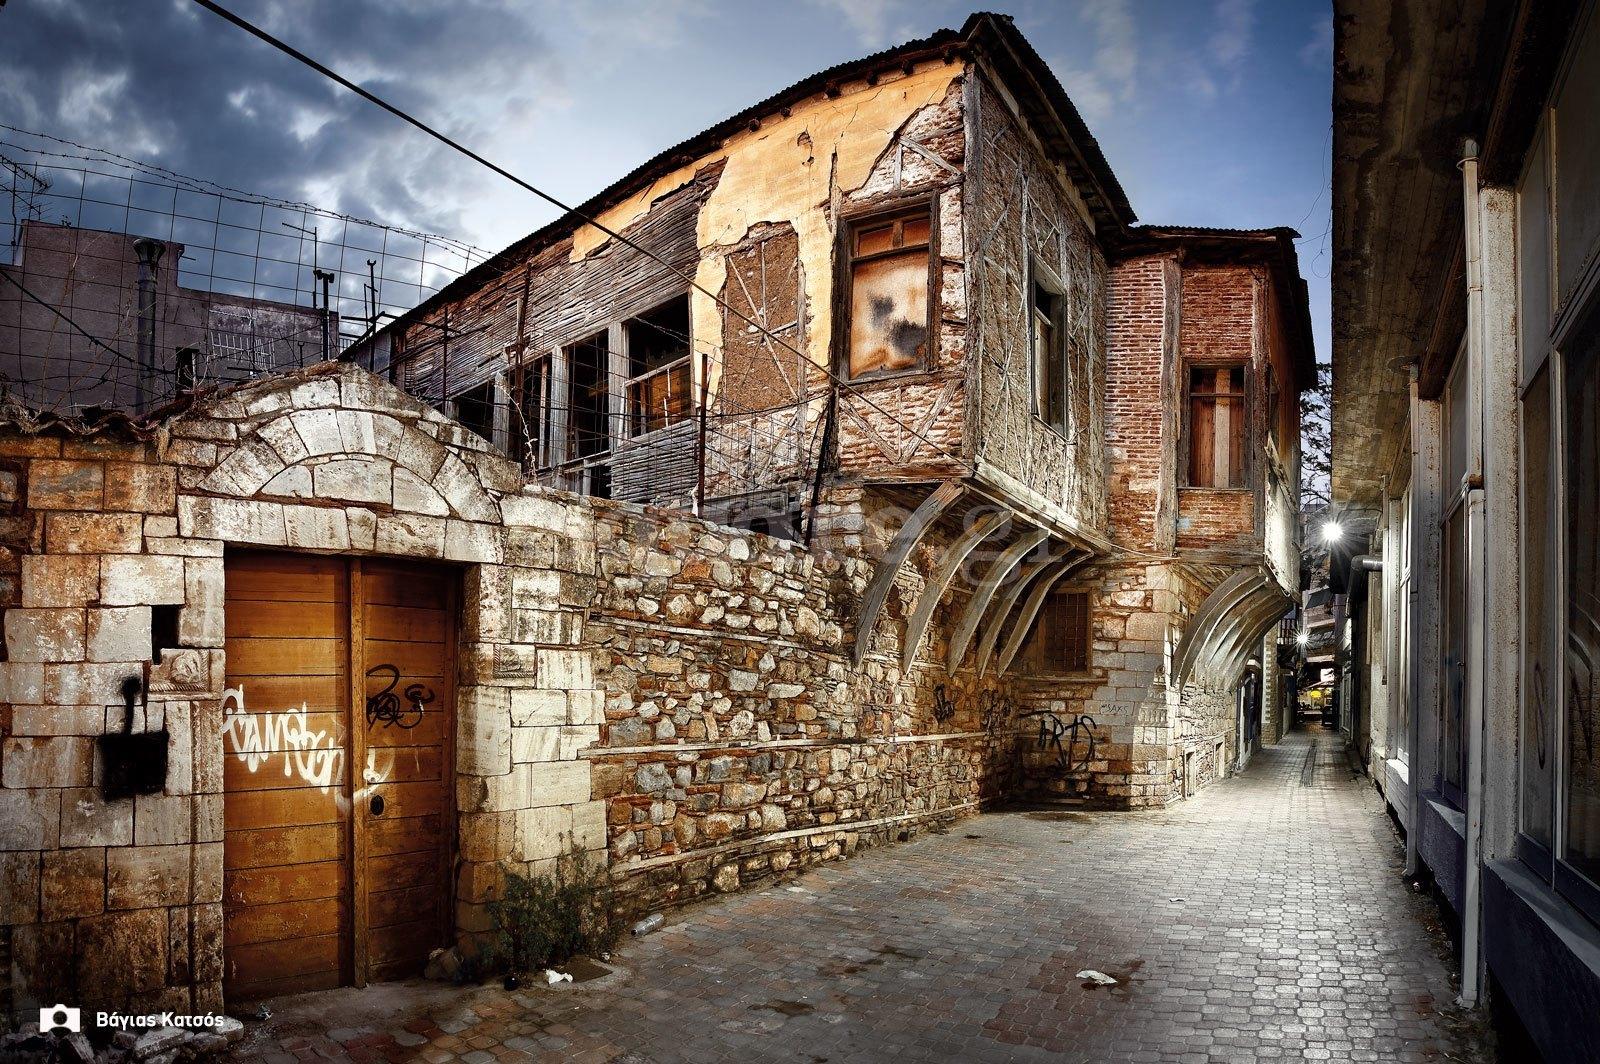 1-Οικία-οδού-παίδων-Χαλκίδα-τουρκοκρατία-και-μεταβυζαντικό-σπίτι